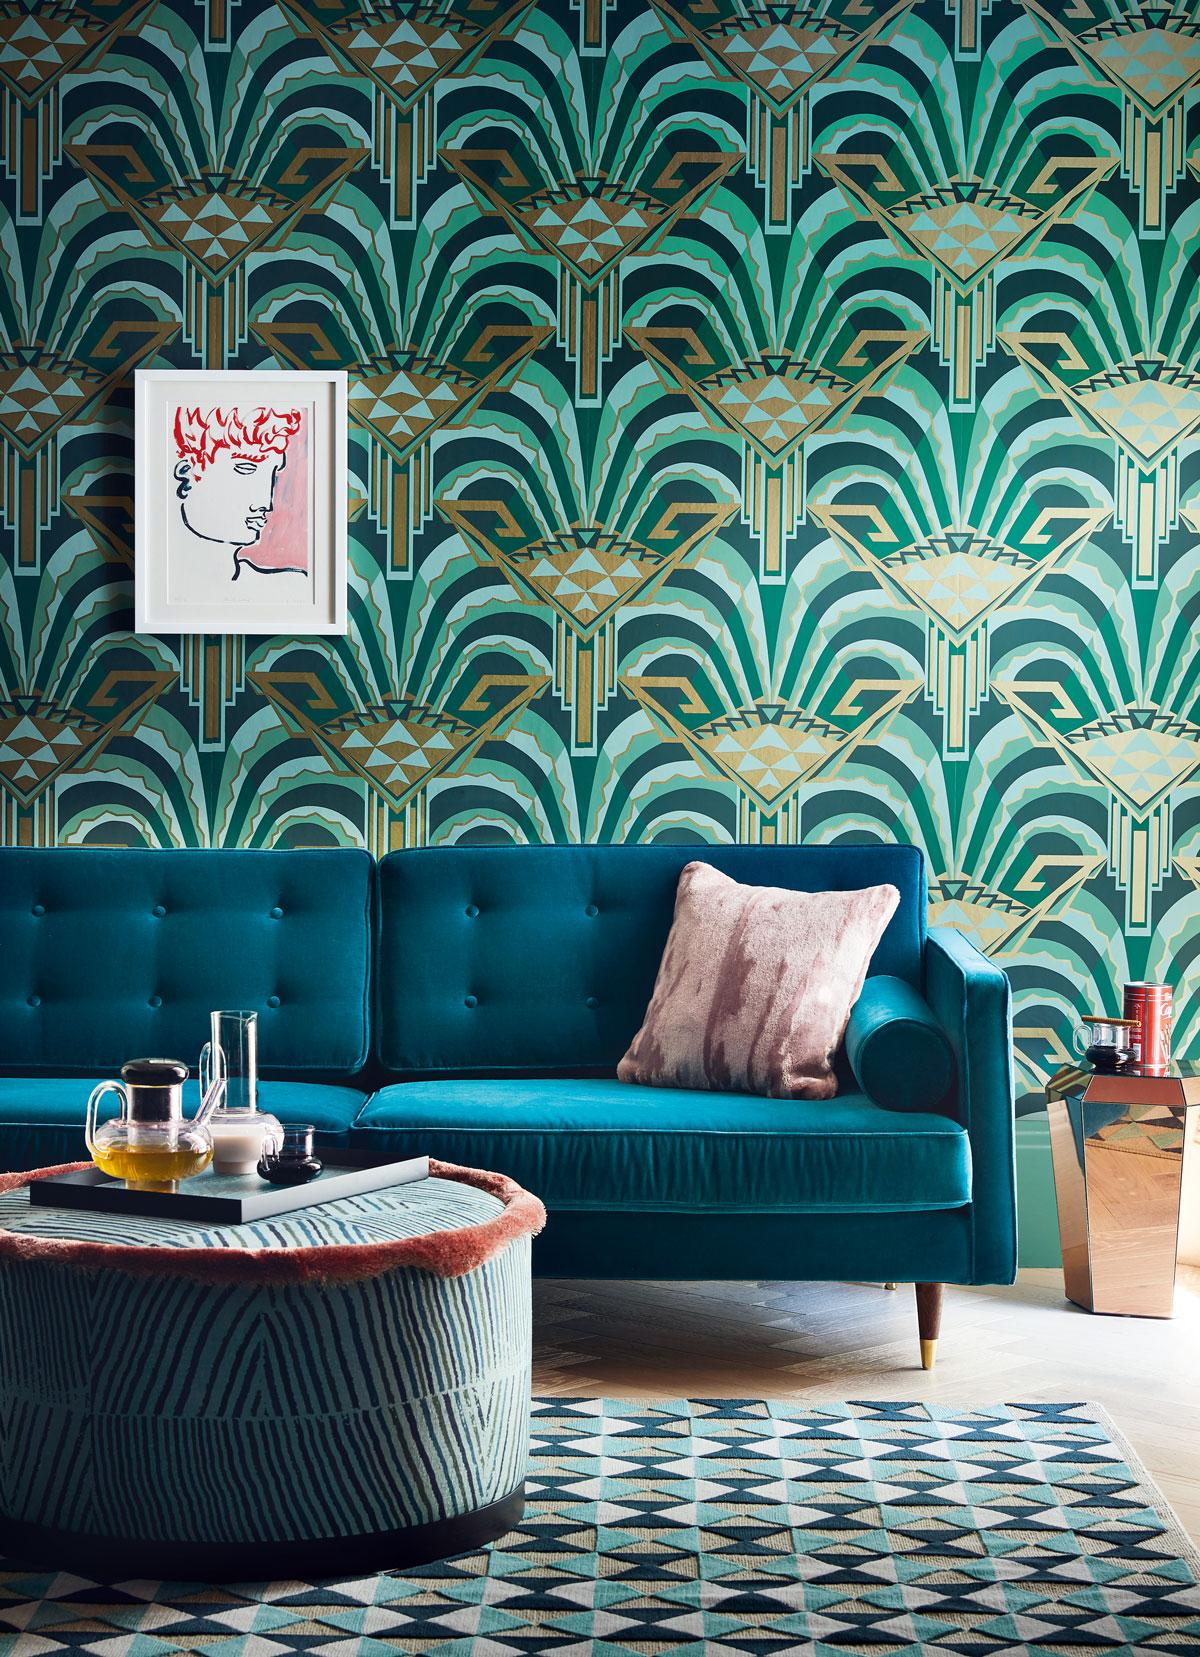 deco mix match papier peint motif art deco canape velours